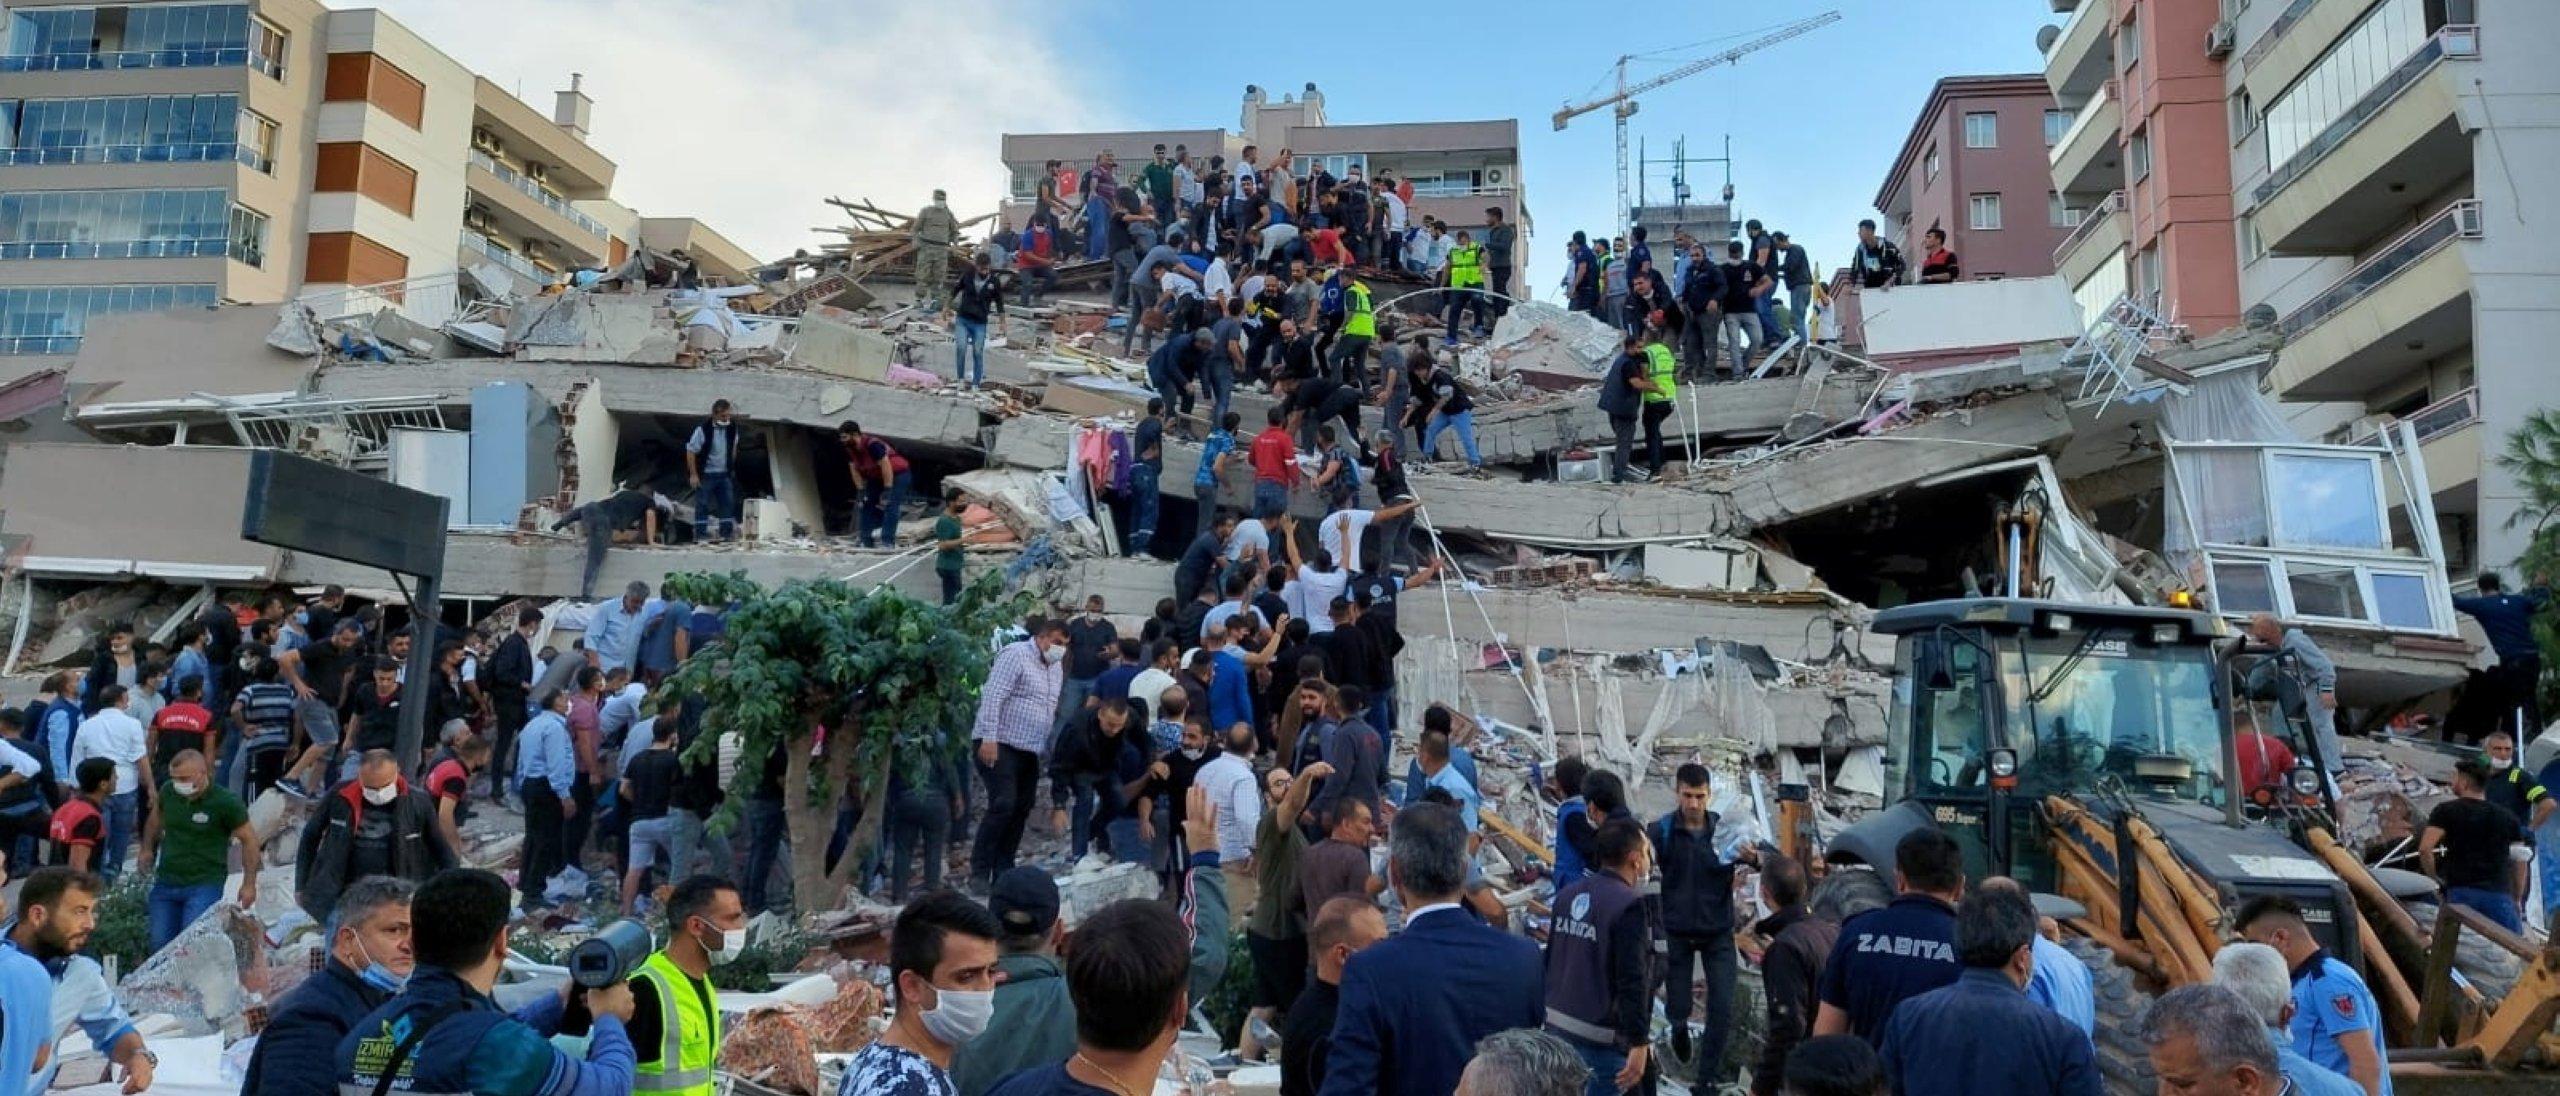 Οι ντόπιοι και οι αξιωματούχοι αναζητούν επιζώντες σε ένα κατεστραμμένο κτίριο μετά από έναν ισχυρό σεισμό που έπληξε το Αιγαίο Πέμπτη και έγινε αισθητός τόσο στην Ελλάδα όσο και στην Τουρκία, όπου μερικά κτίρια κατέρρευσαν στην παράκτια επαρχία της Σμύρνης, της Τουρκίας, στις 30 Οκτωβρίου 2020. (Reuters Photo )